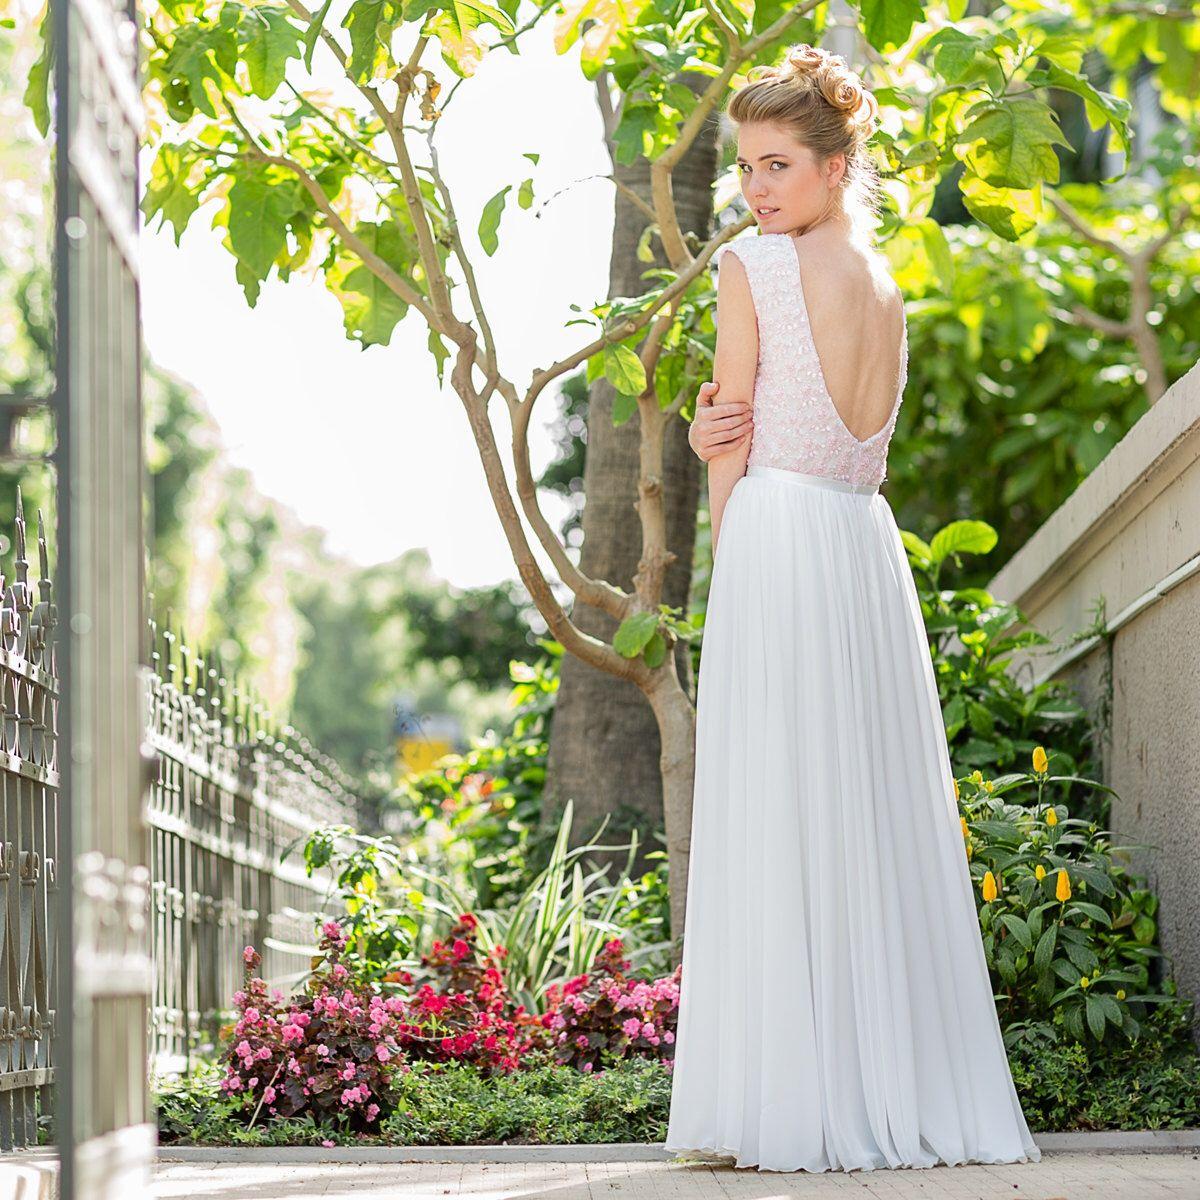 Low-Back Lace and Chiffon Wedding Dress